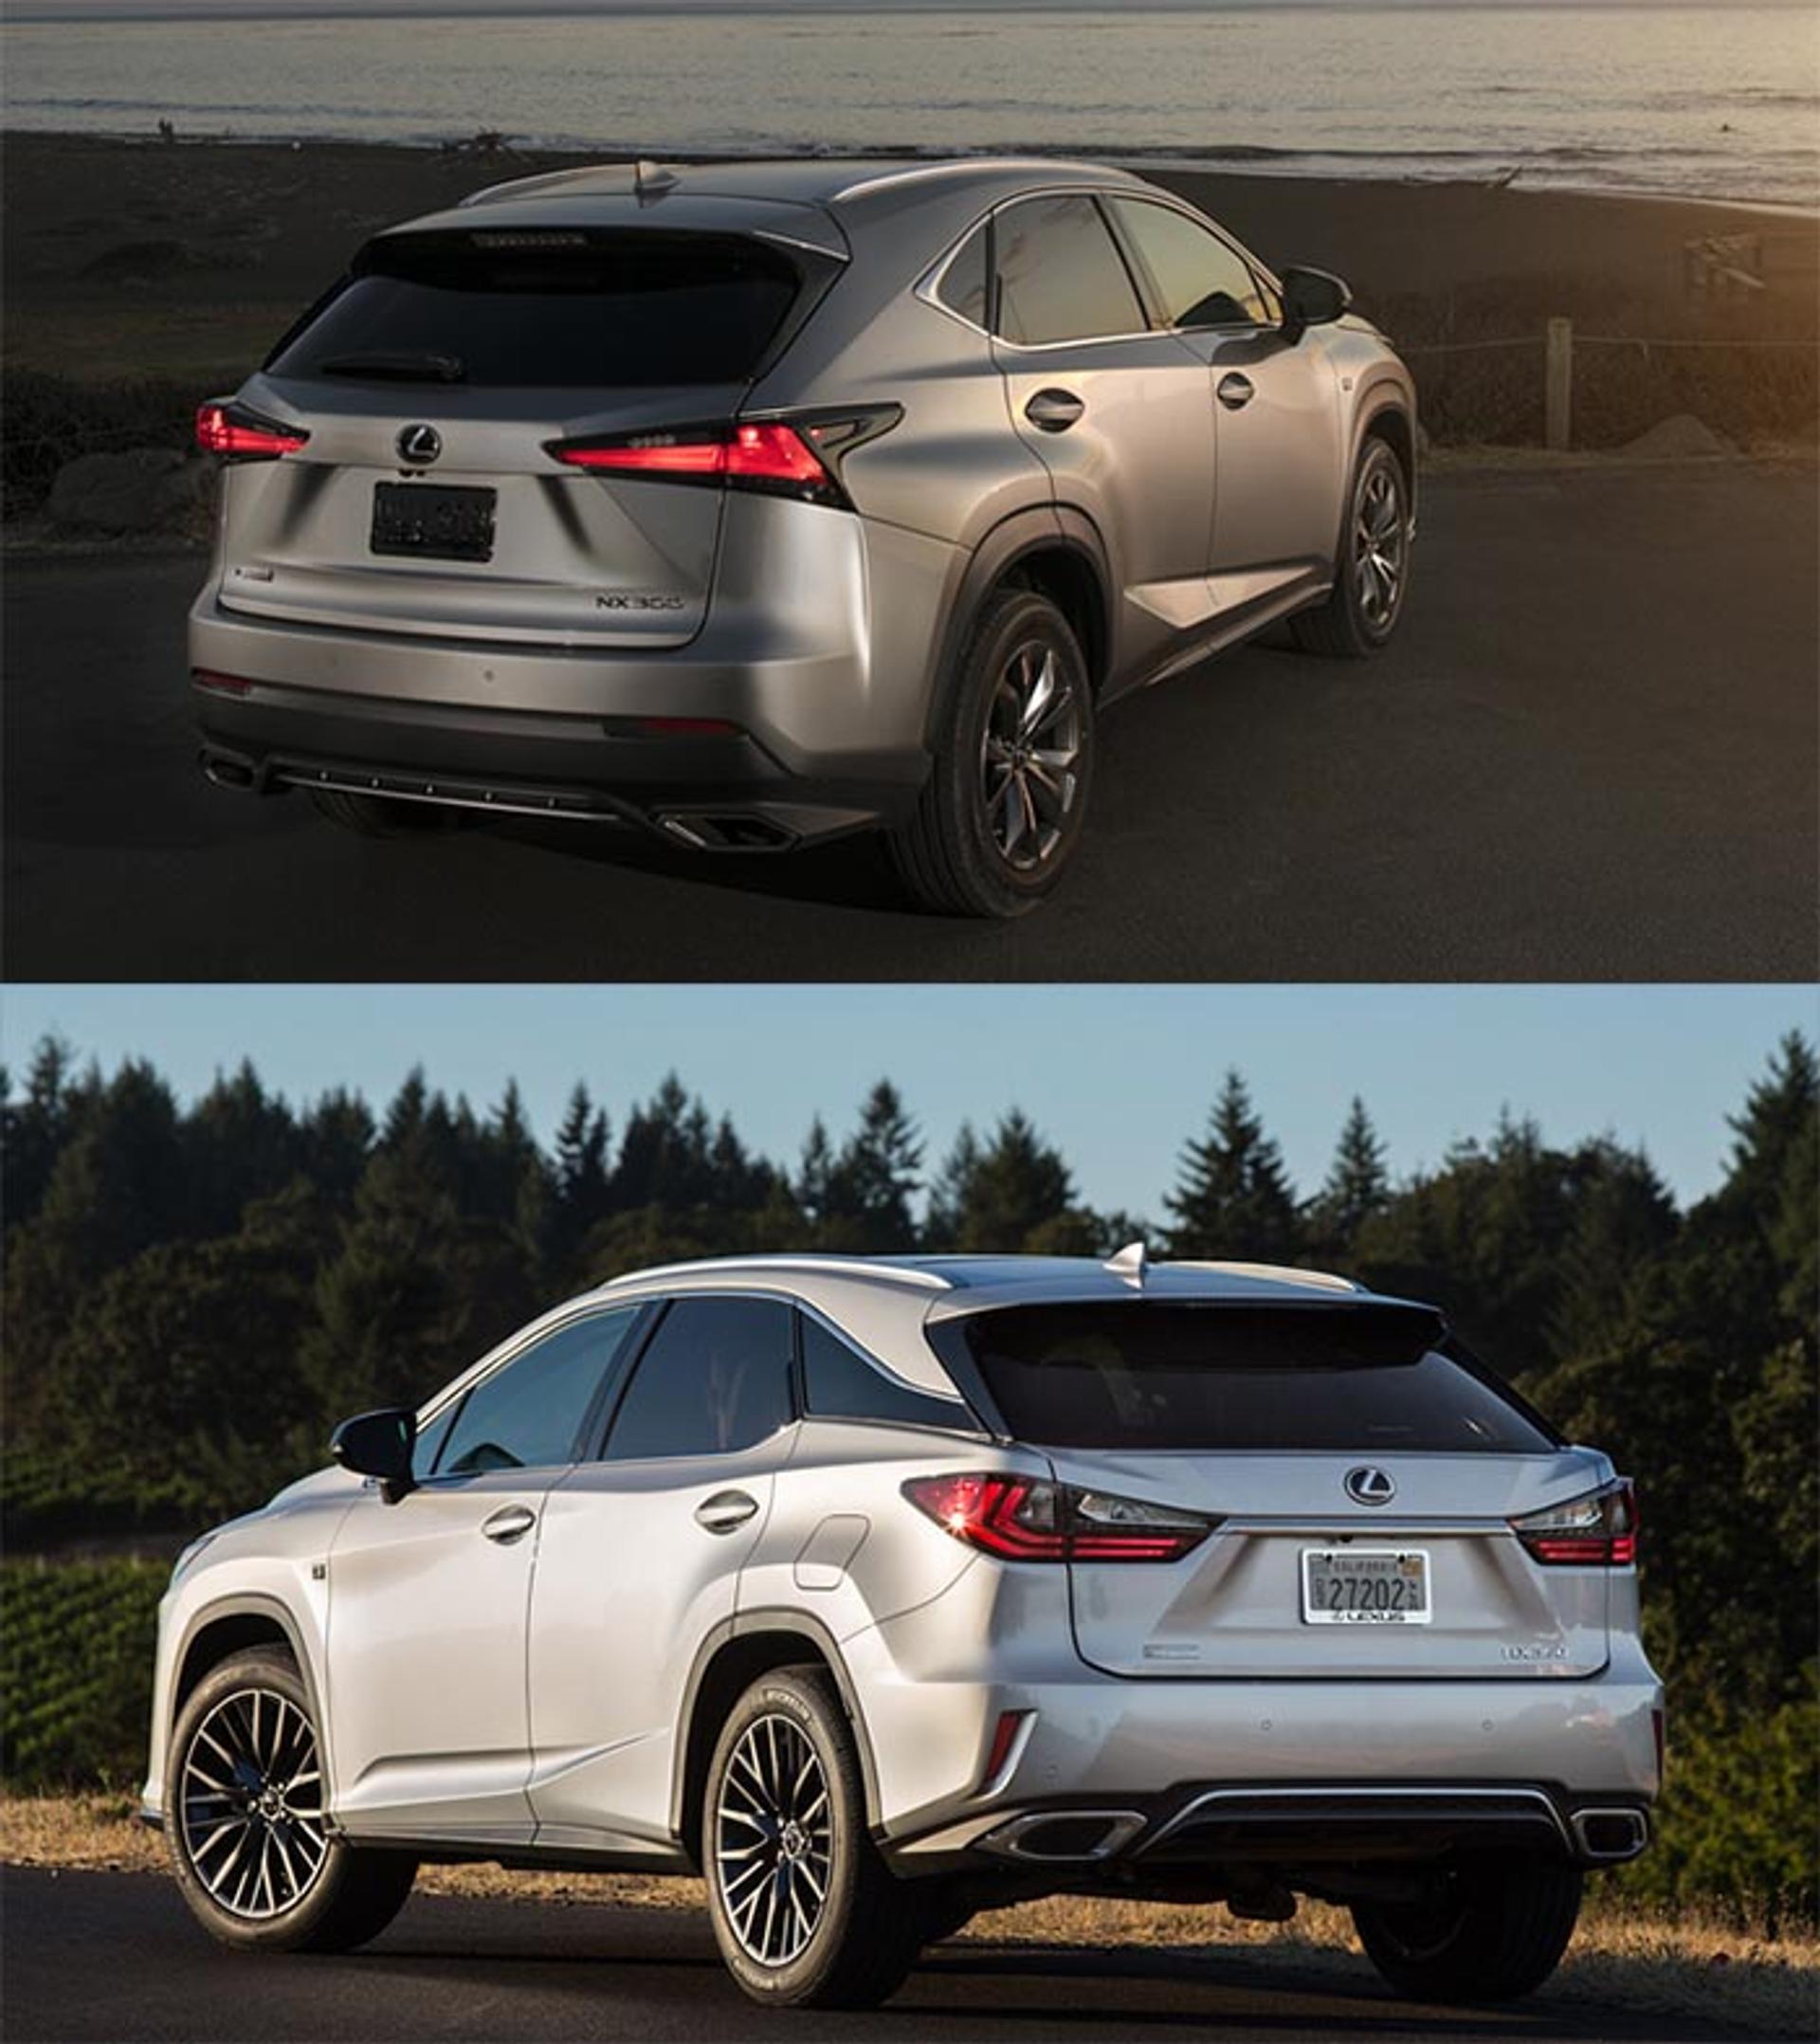 Lexus NX vs RX rear view comparison